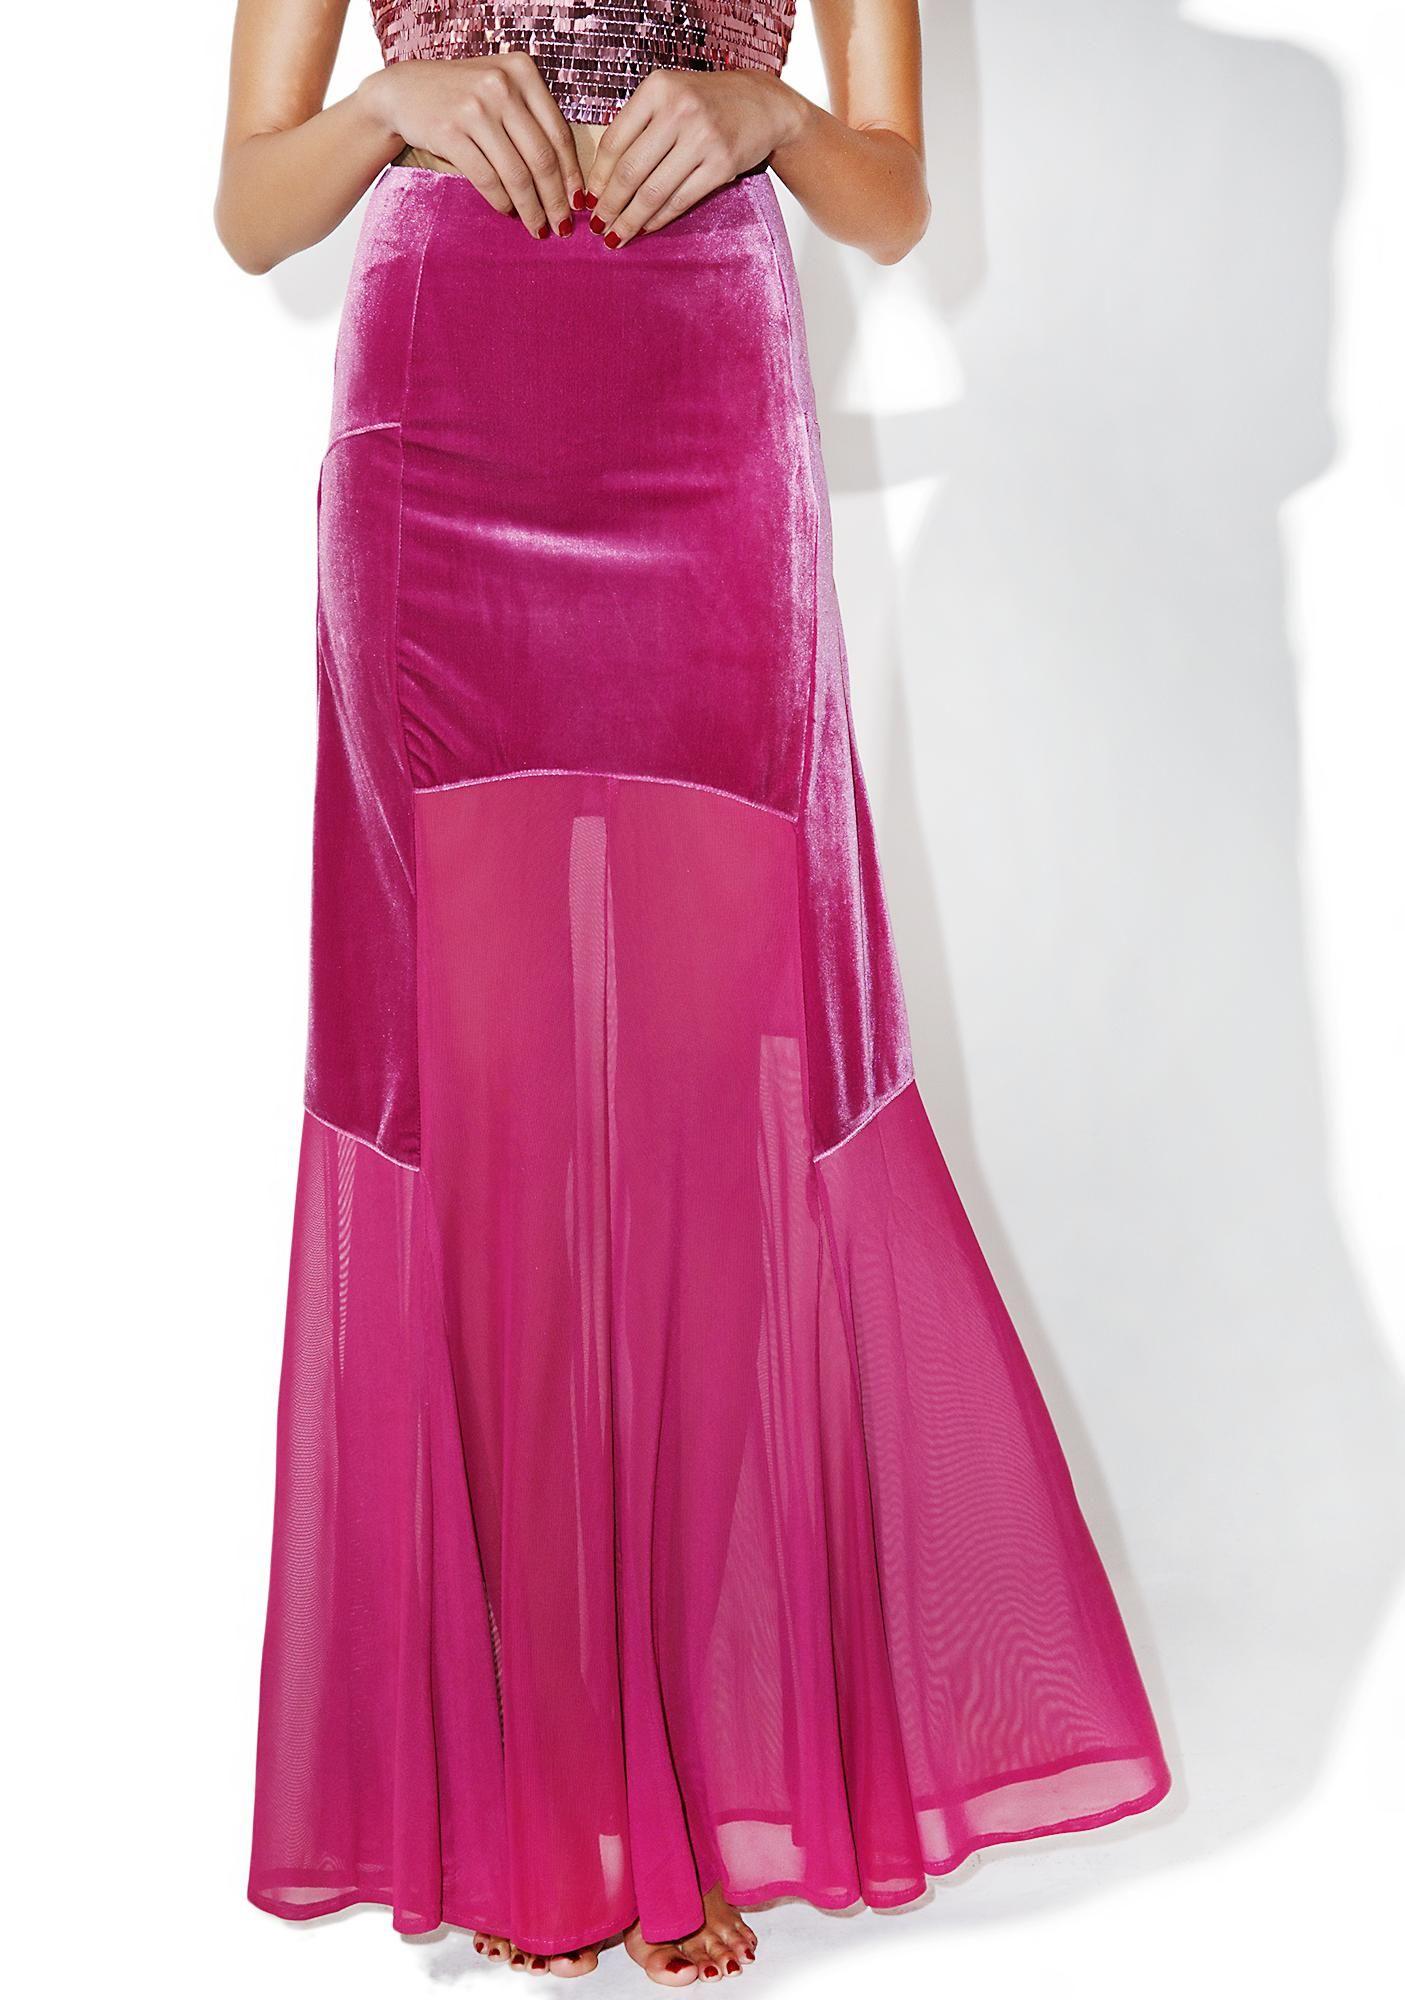 Lujo Eléctricos Vestidos De Dama Azul Colección - Colección del ...